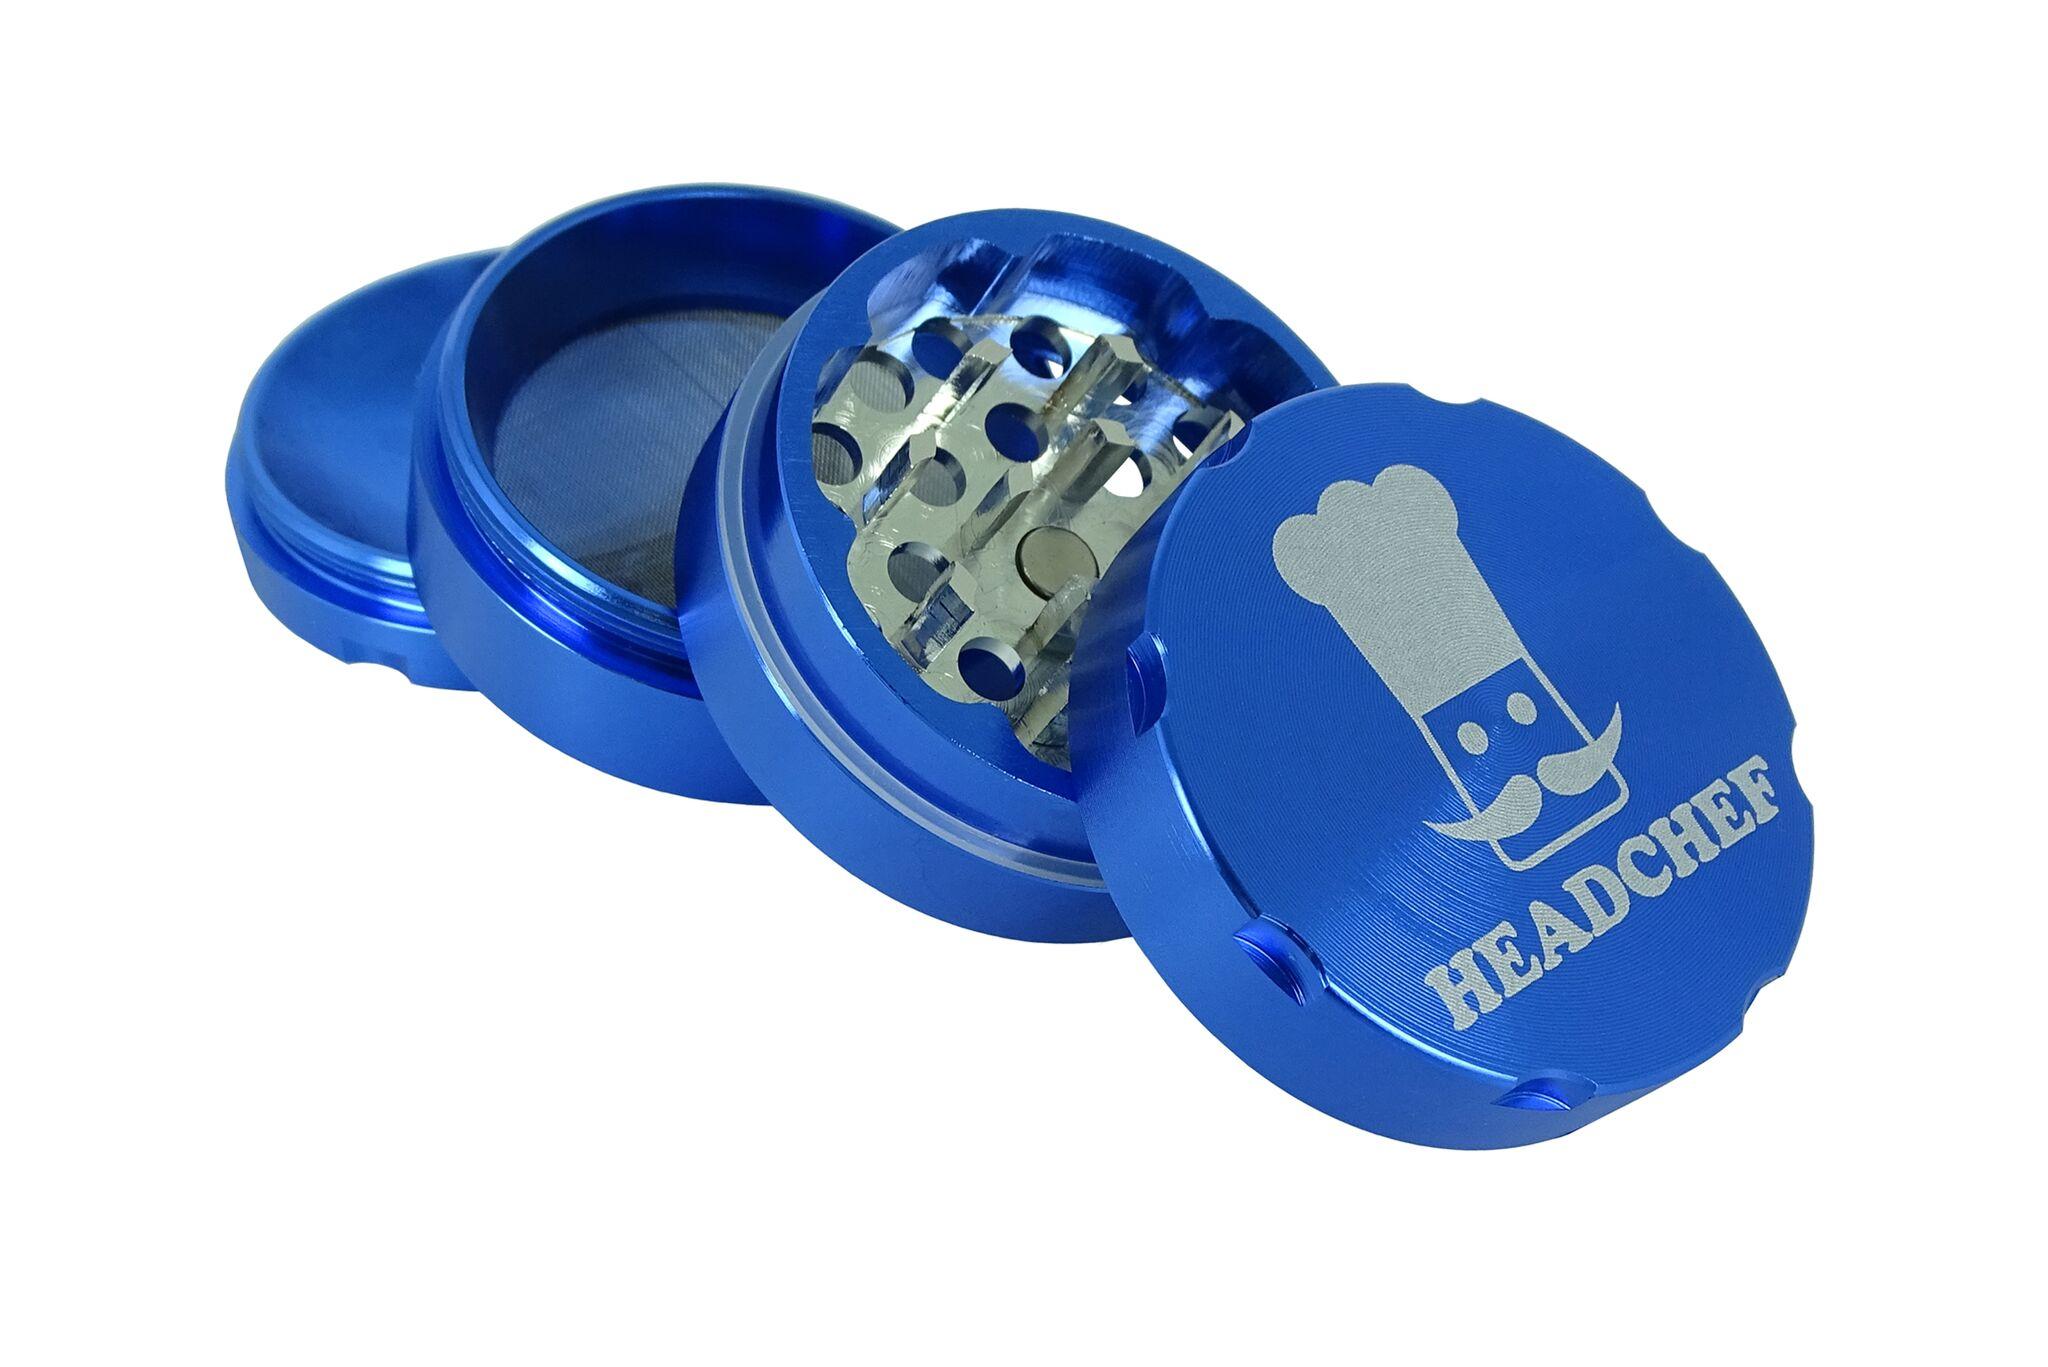 Headchef Grinder 40mm 4 Part - Blue